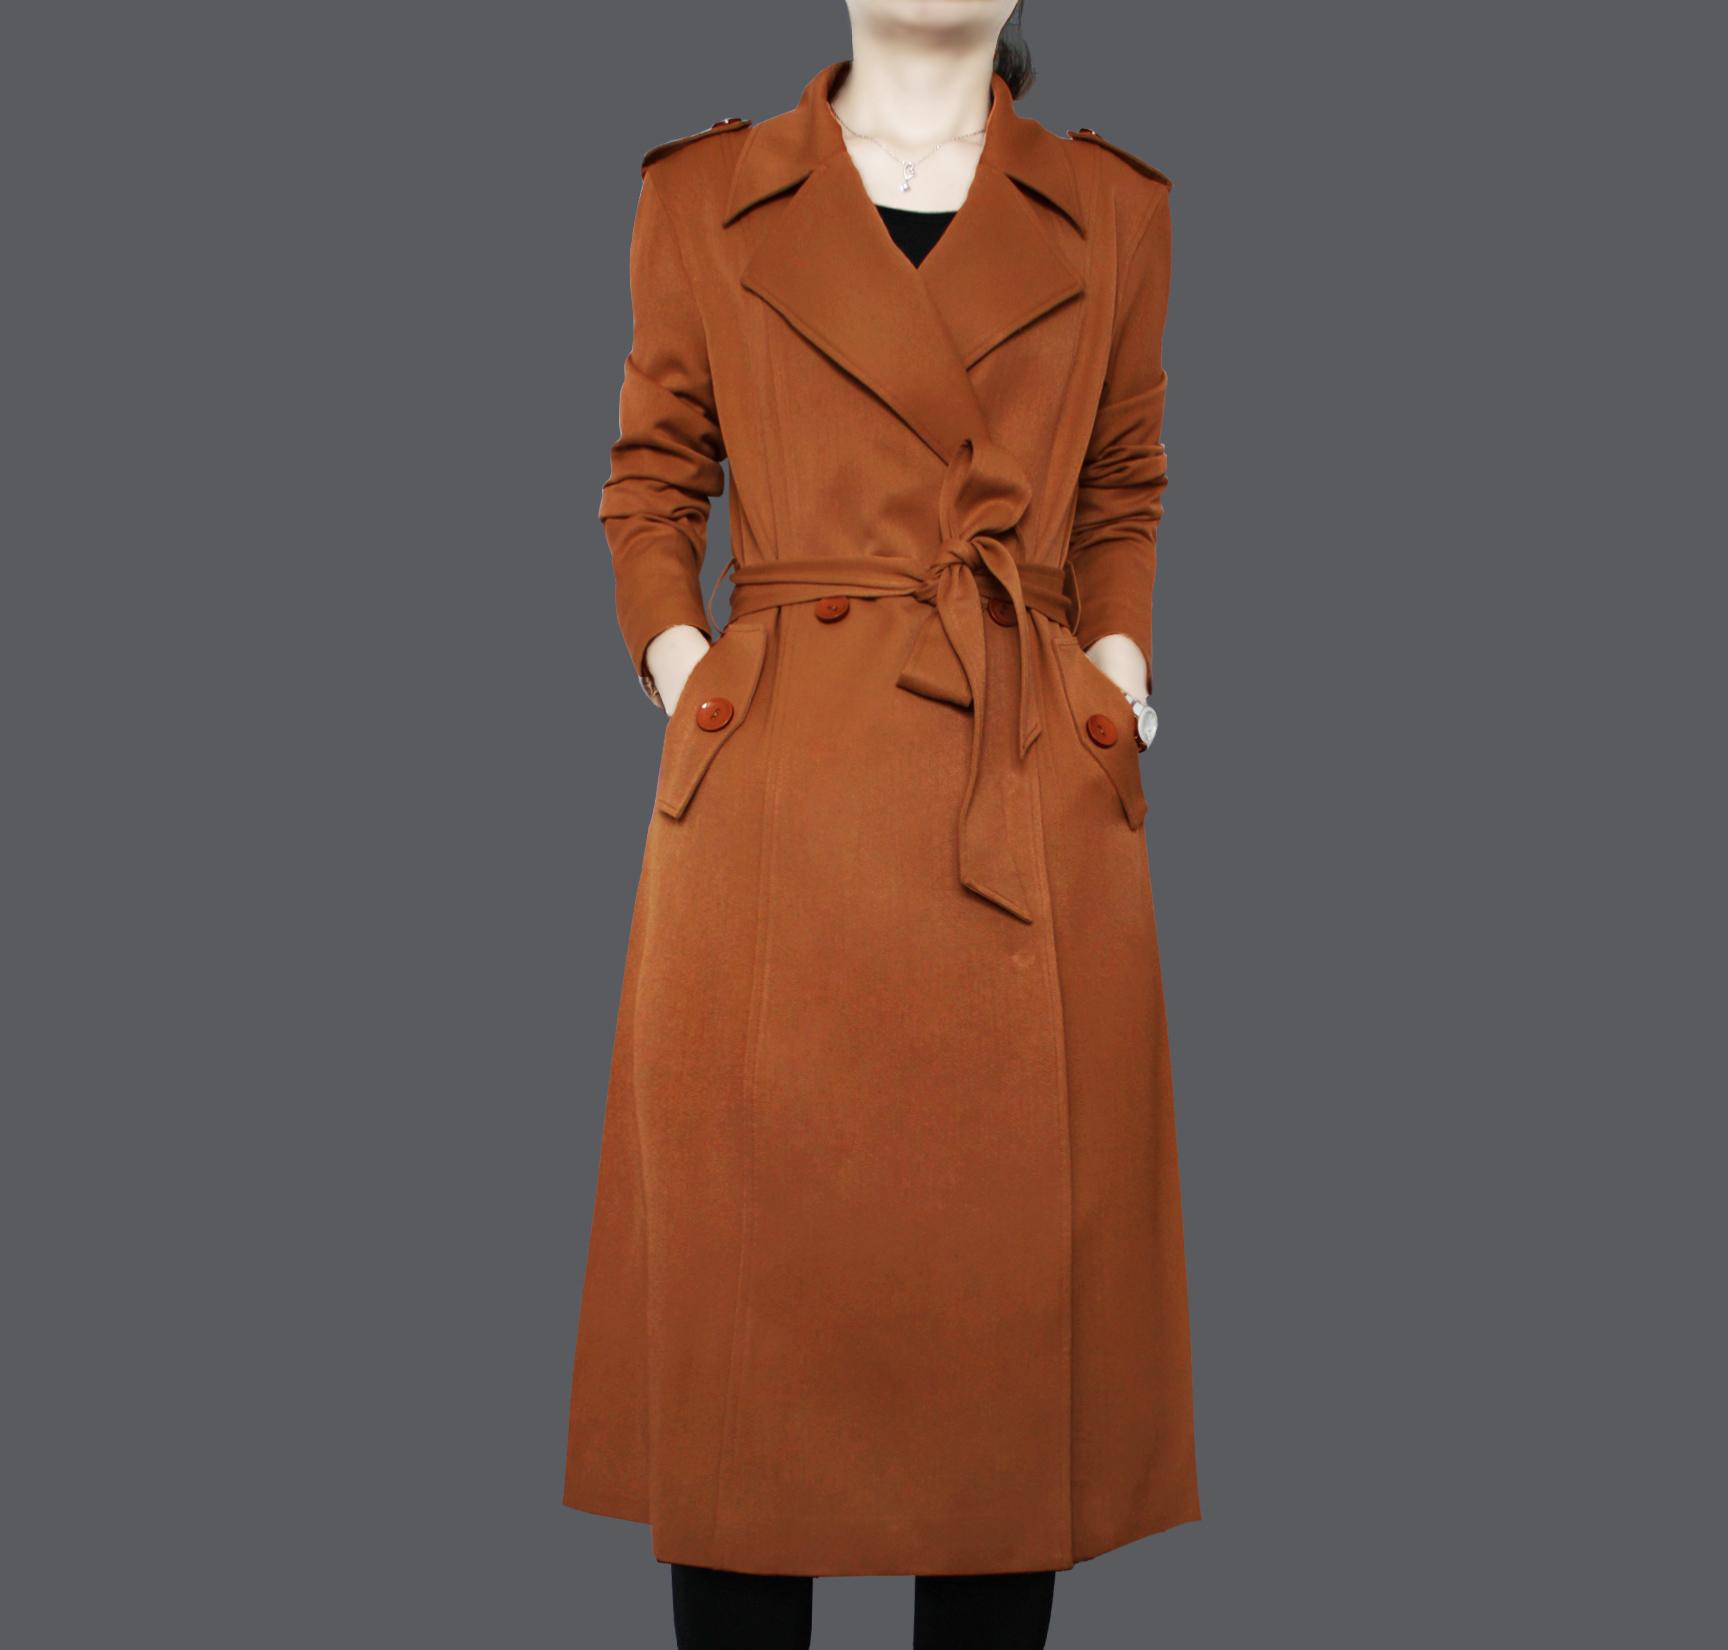 2018春秋季新款女装风衣女士外套中长款黑色大码收腰显瘦休闲气质